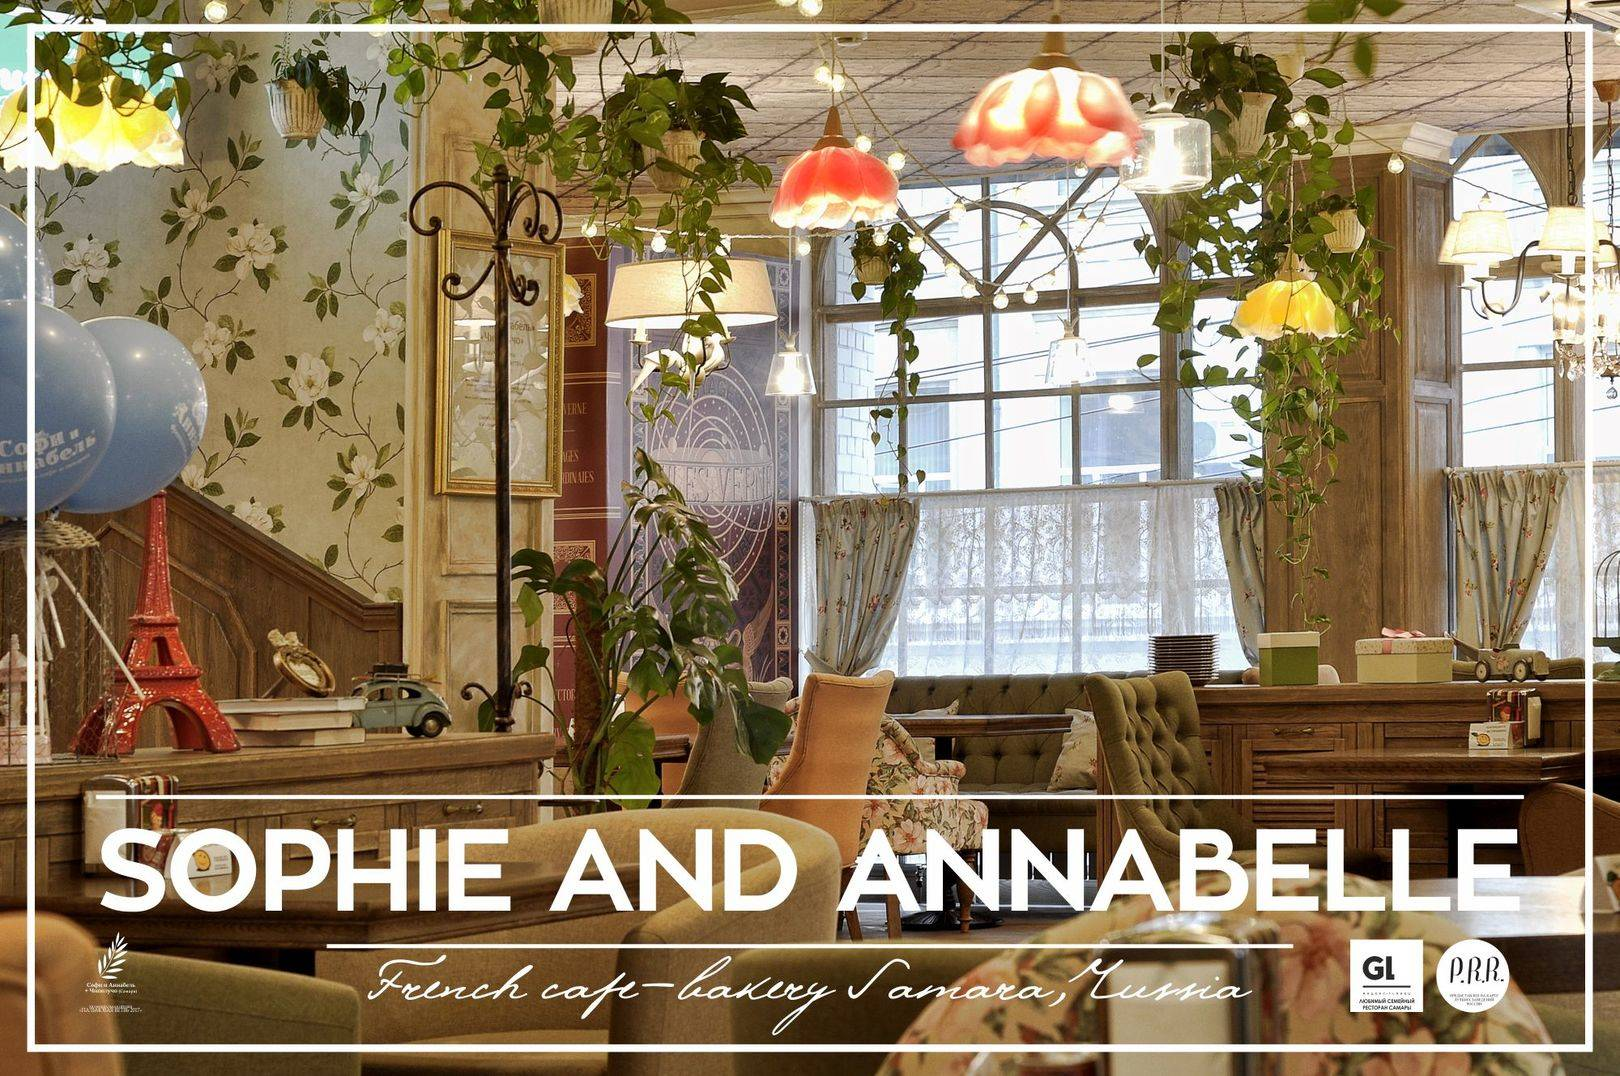 Дизайн интерьера кафе - пекарня Софи и Аннабель